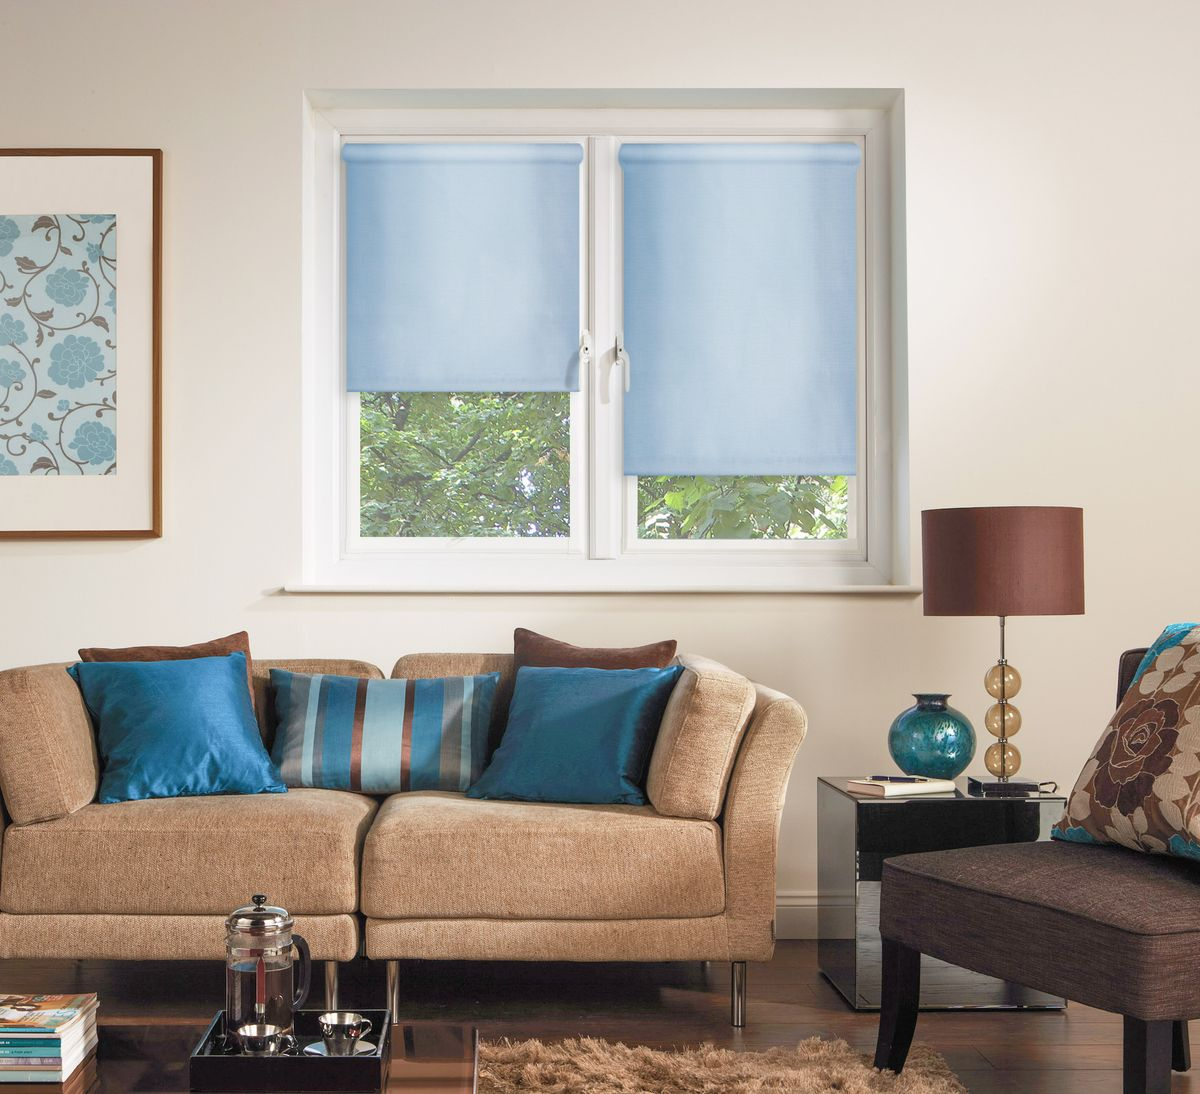 Штора рулонная Эскар Миниролло, цвет: голубой, ширина 57 см, высота 170 см31005057170Рулонная штора Эскар Миниролло выполнена из высокопрочной ткани, которая сохраняет свой размер даже при намокании. Ткань не выцветает и обладает отличной цветоустойчивостью.Миниролло - это подвид рулонных штор, который закрывает не весь оконный проем, а непосредственно само стекло. Такие шторы крепятся на раму без сверления при помощи зажимов или клейкой двухсторонней ленты (в комплекте). Окно остается на гарантии, благодаря монтажу без сверления. Такая штора станет прекрасным элементом декора окна и гармонично впишется в интерьер любого помещения.